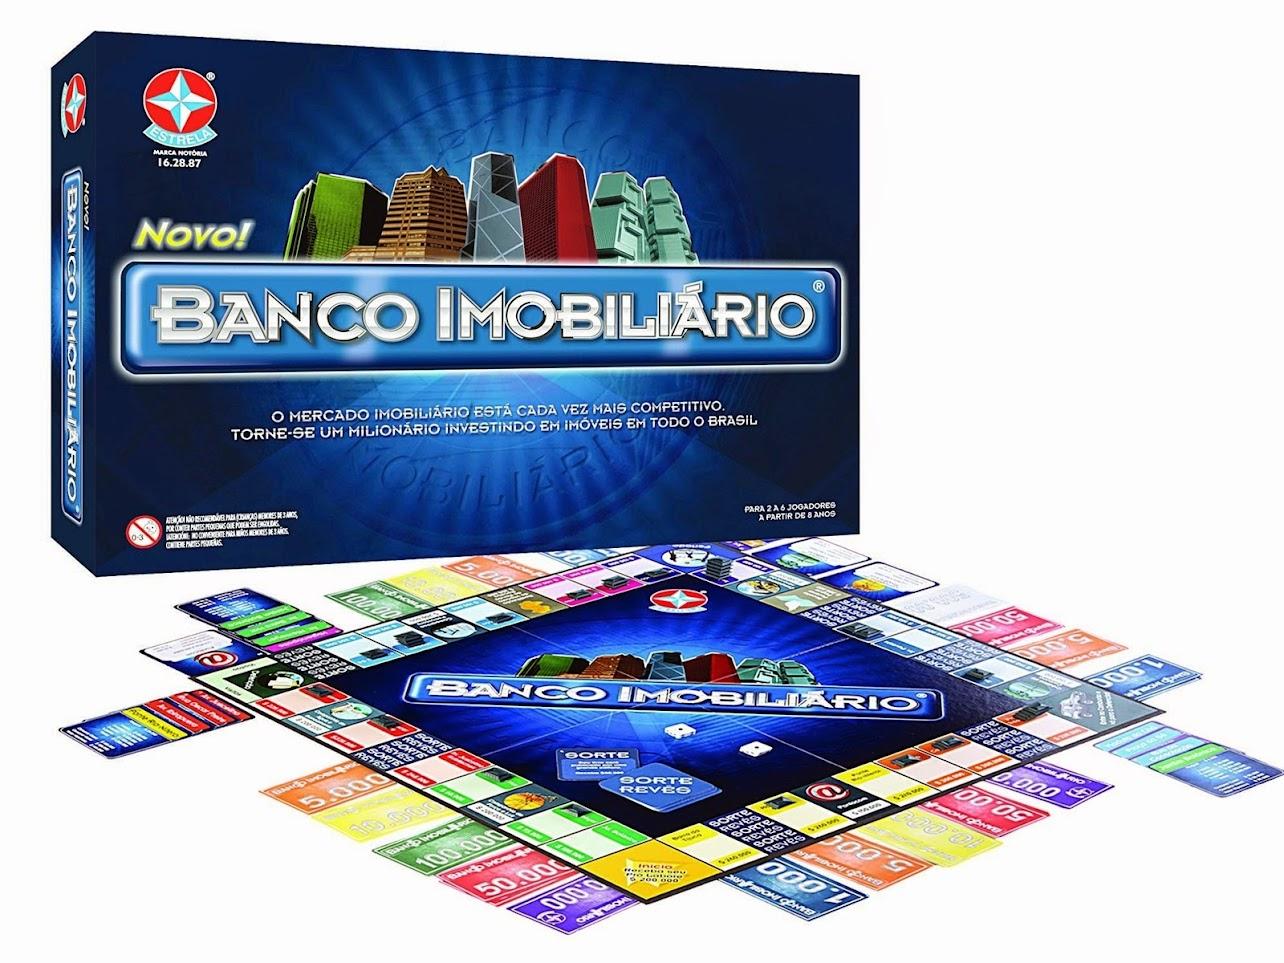 BAIXE GRATUITAMENTE O CLÁSSICO JOGO BANCO IMOBILIÁRIO